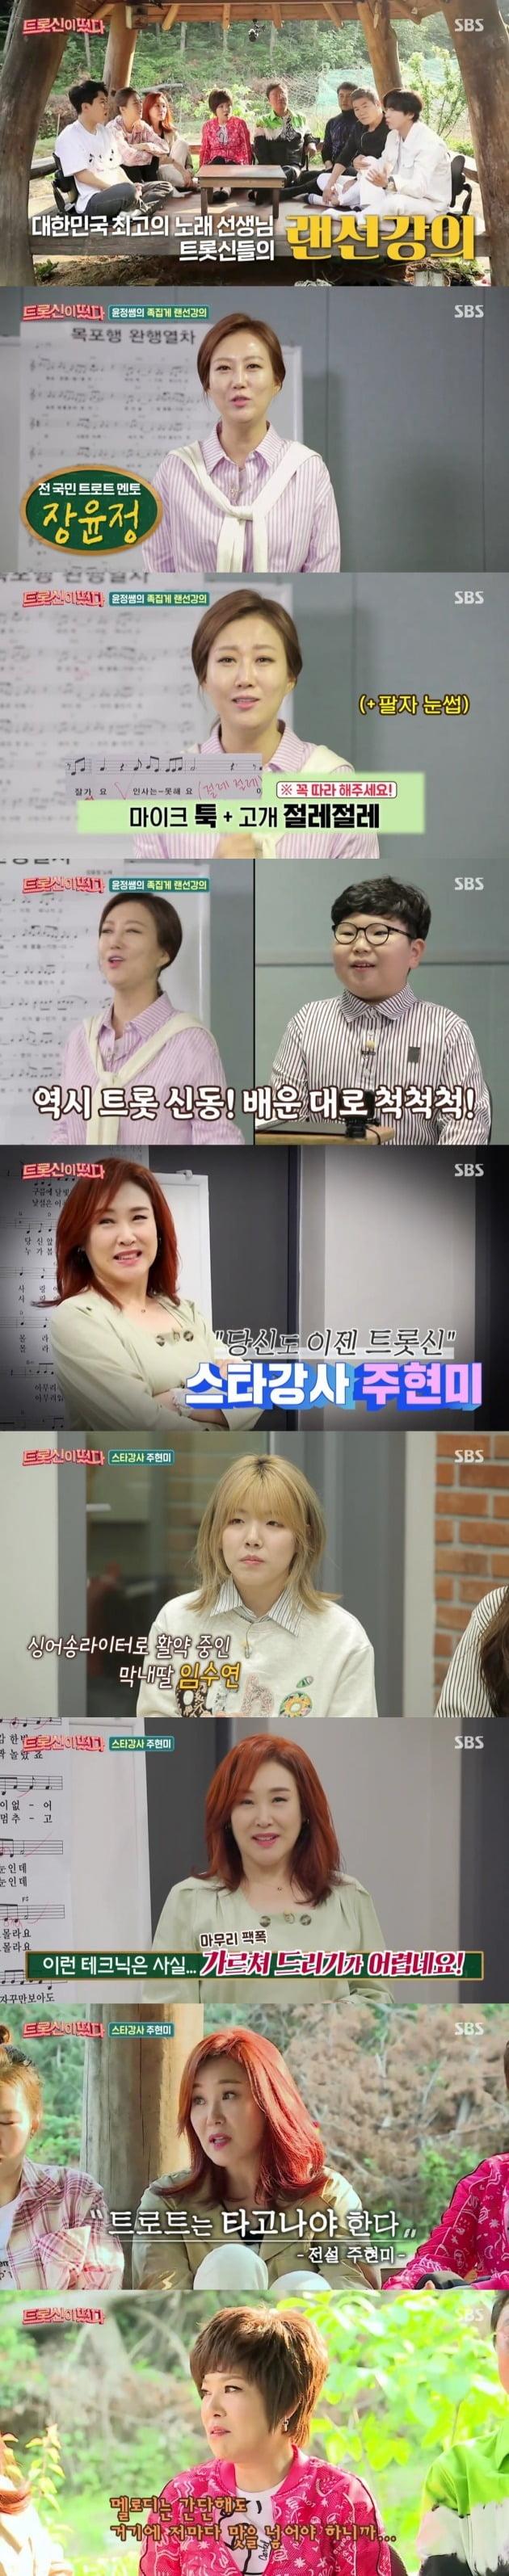 '트롯신'이 랜선 강의를 펼쳤다. / 사진제공=SBS